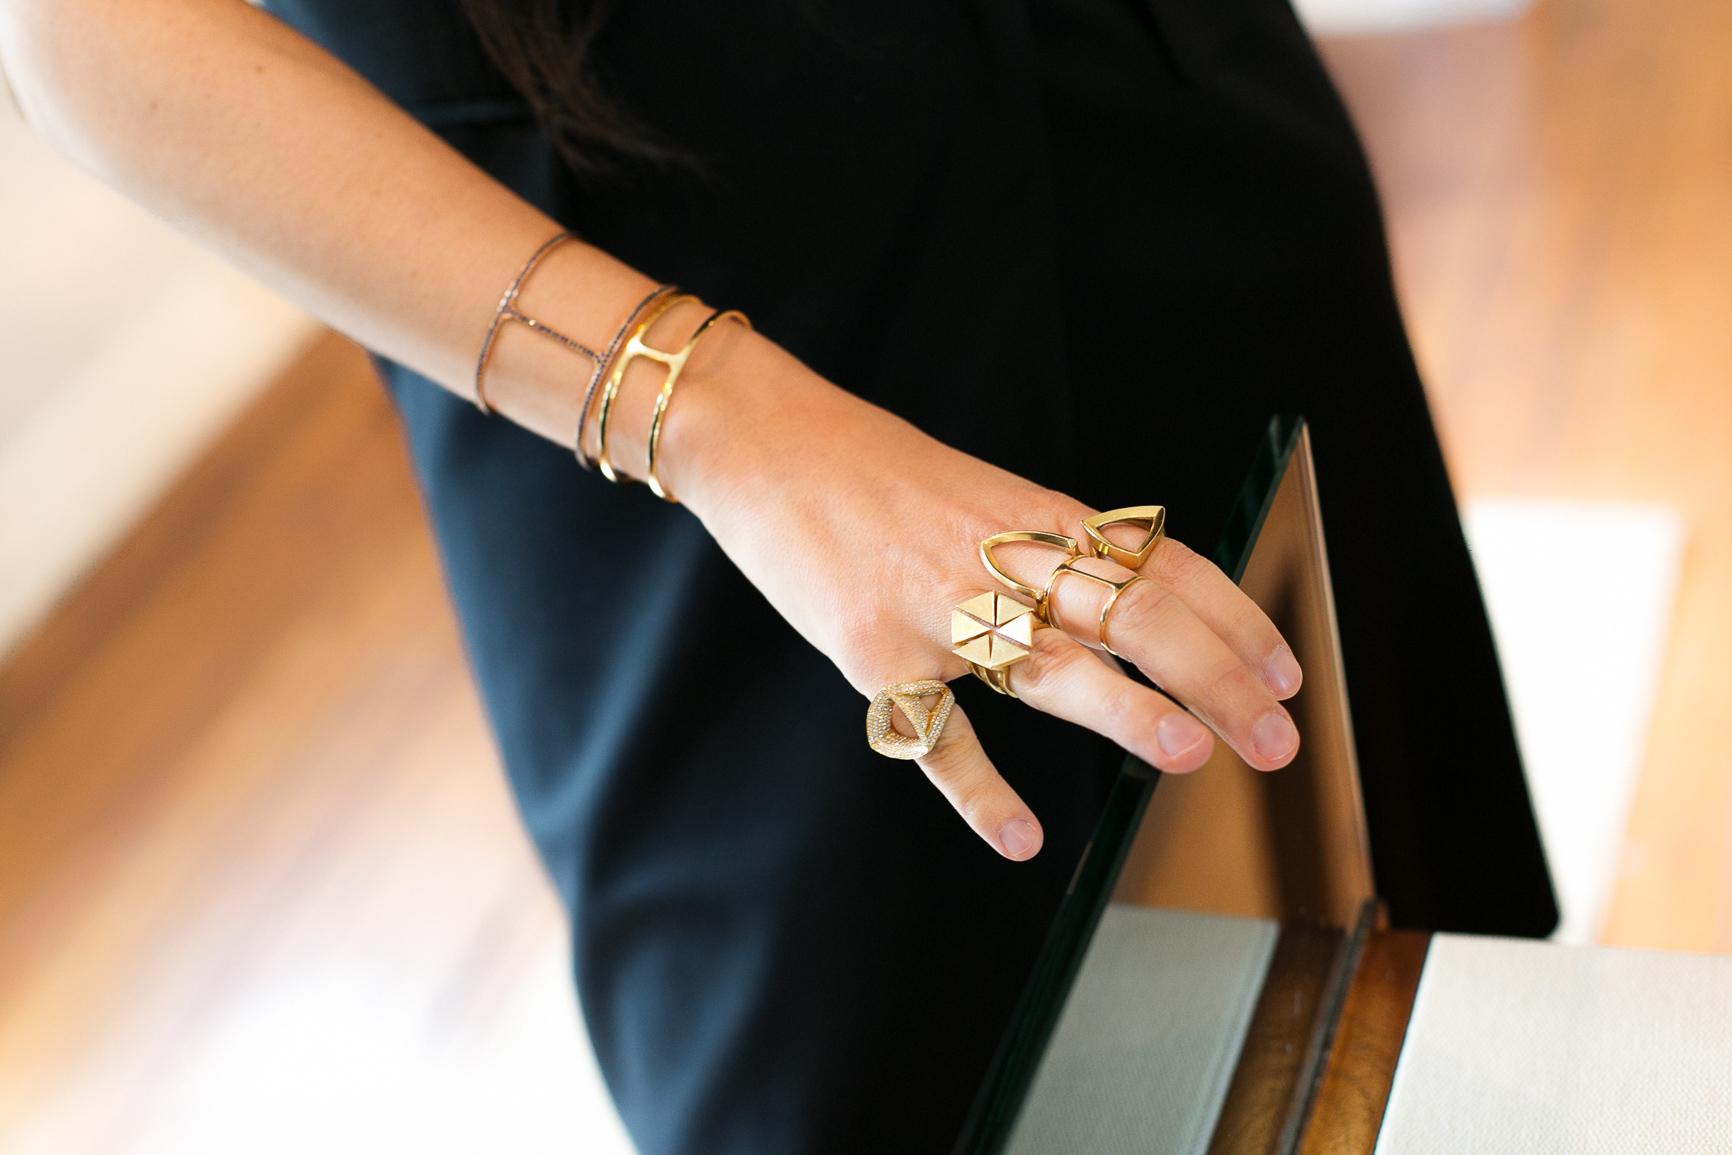 Karma_El_Kahil_Jewelry_by_Naomi_Yamada-10.jpg